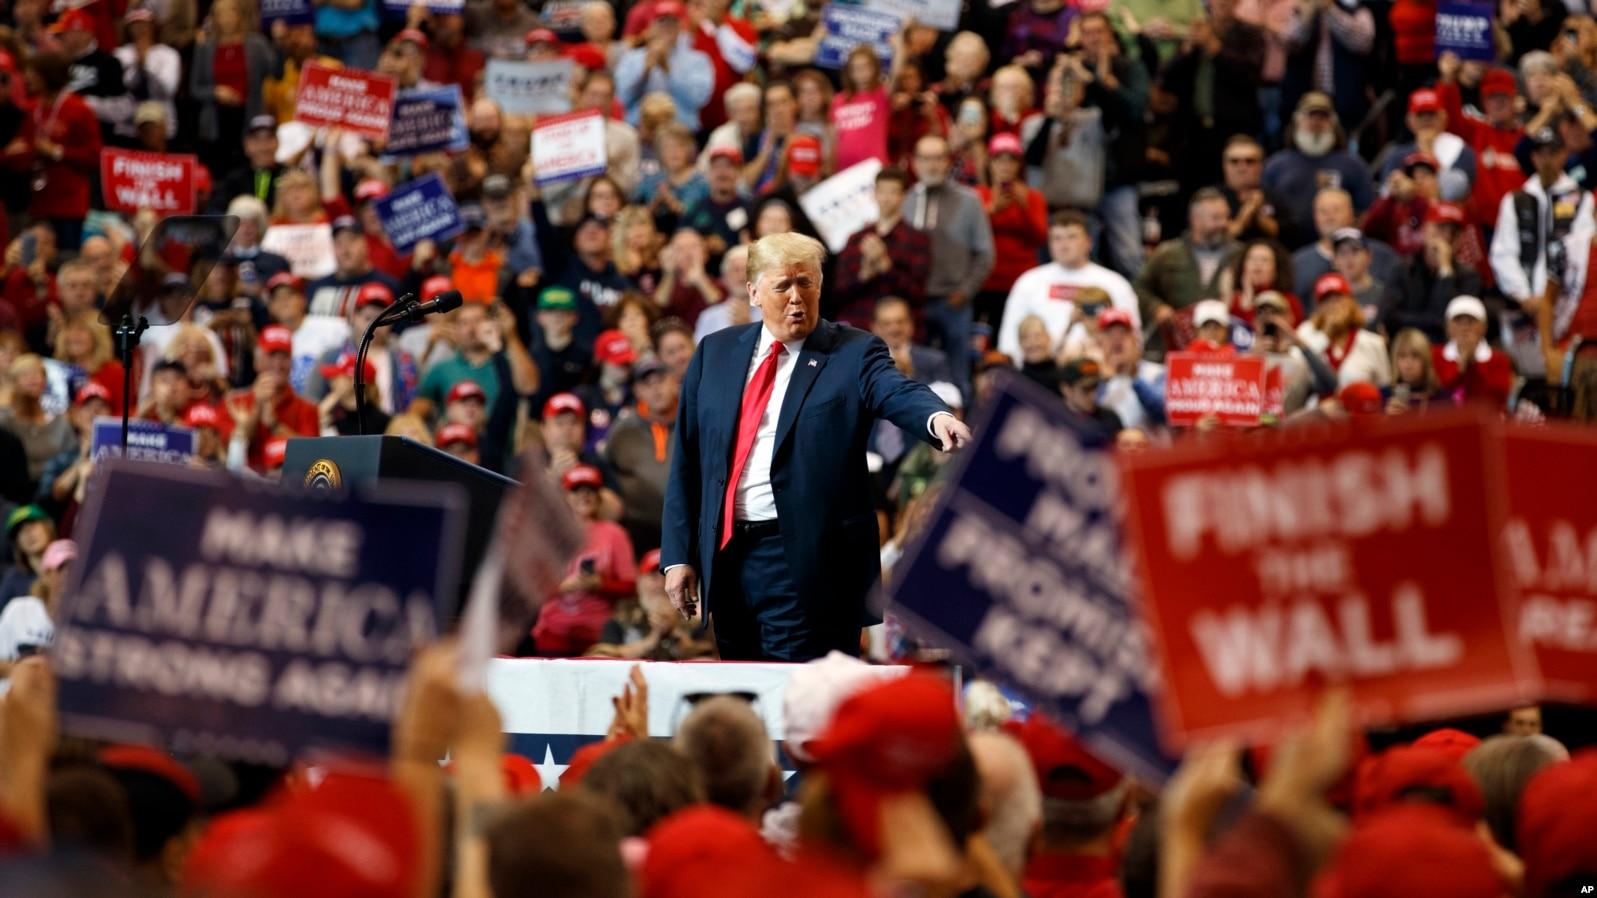 Трамп проводит усиленную агитацию накануне промежуточных выборов